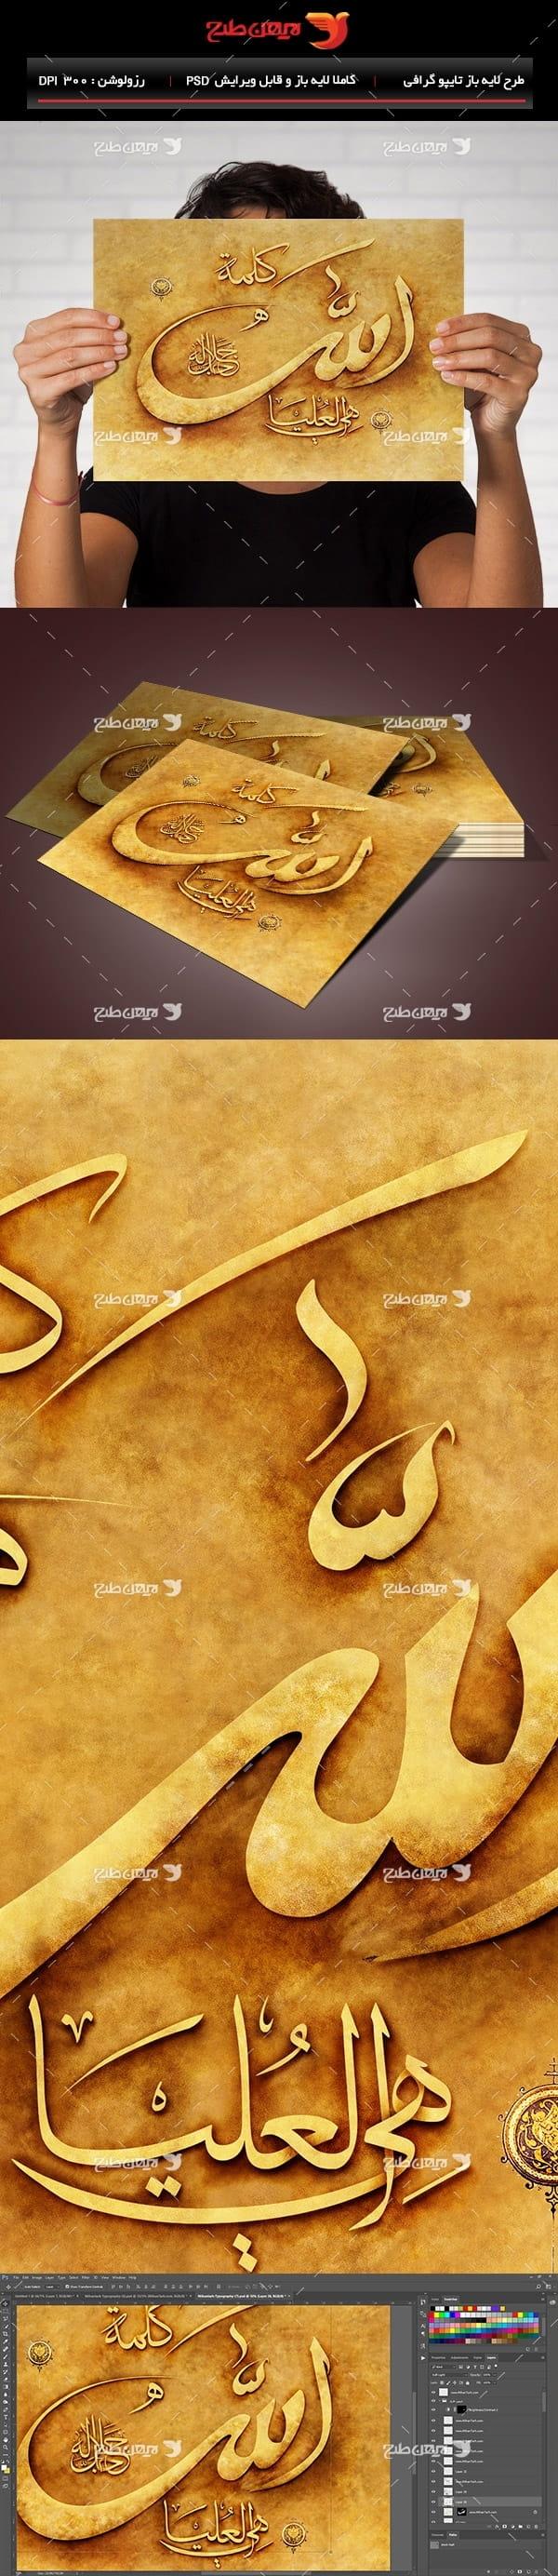 تایپوگرافی و خطاطی گرافیکی نام الله (خدا)